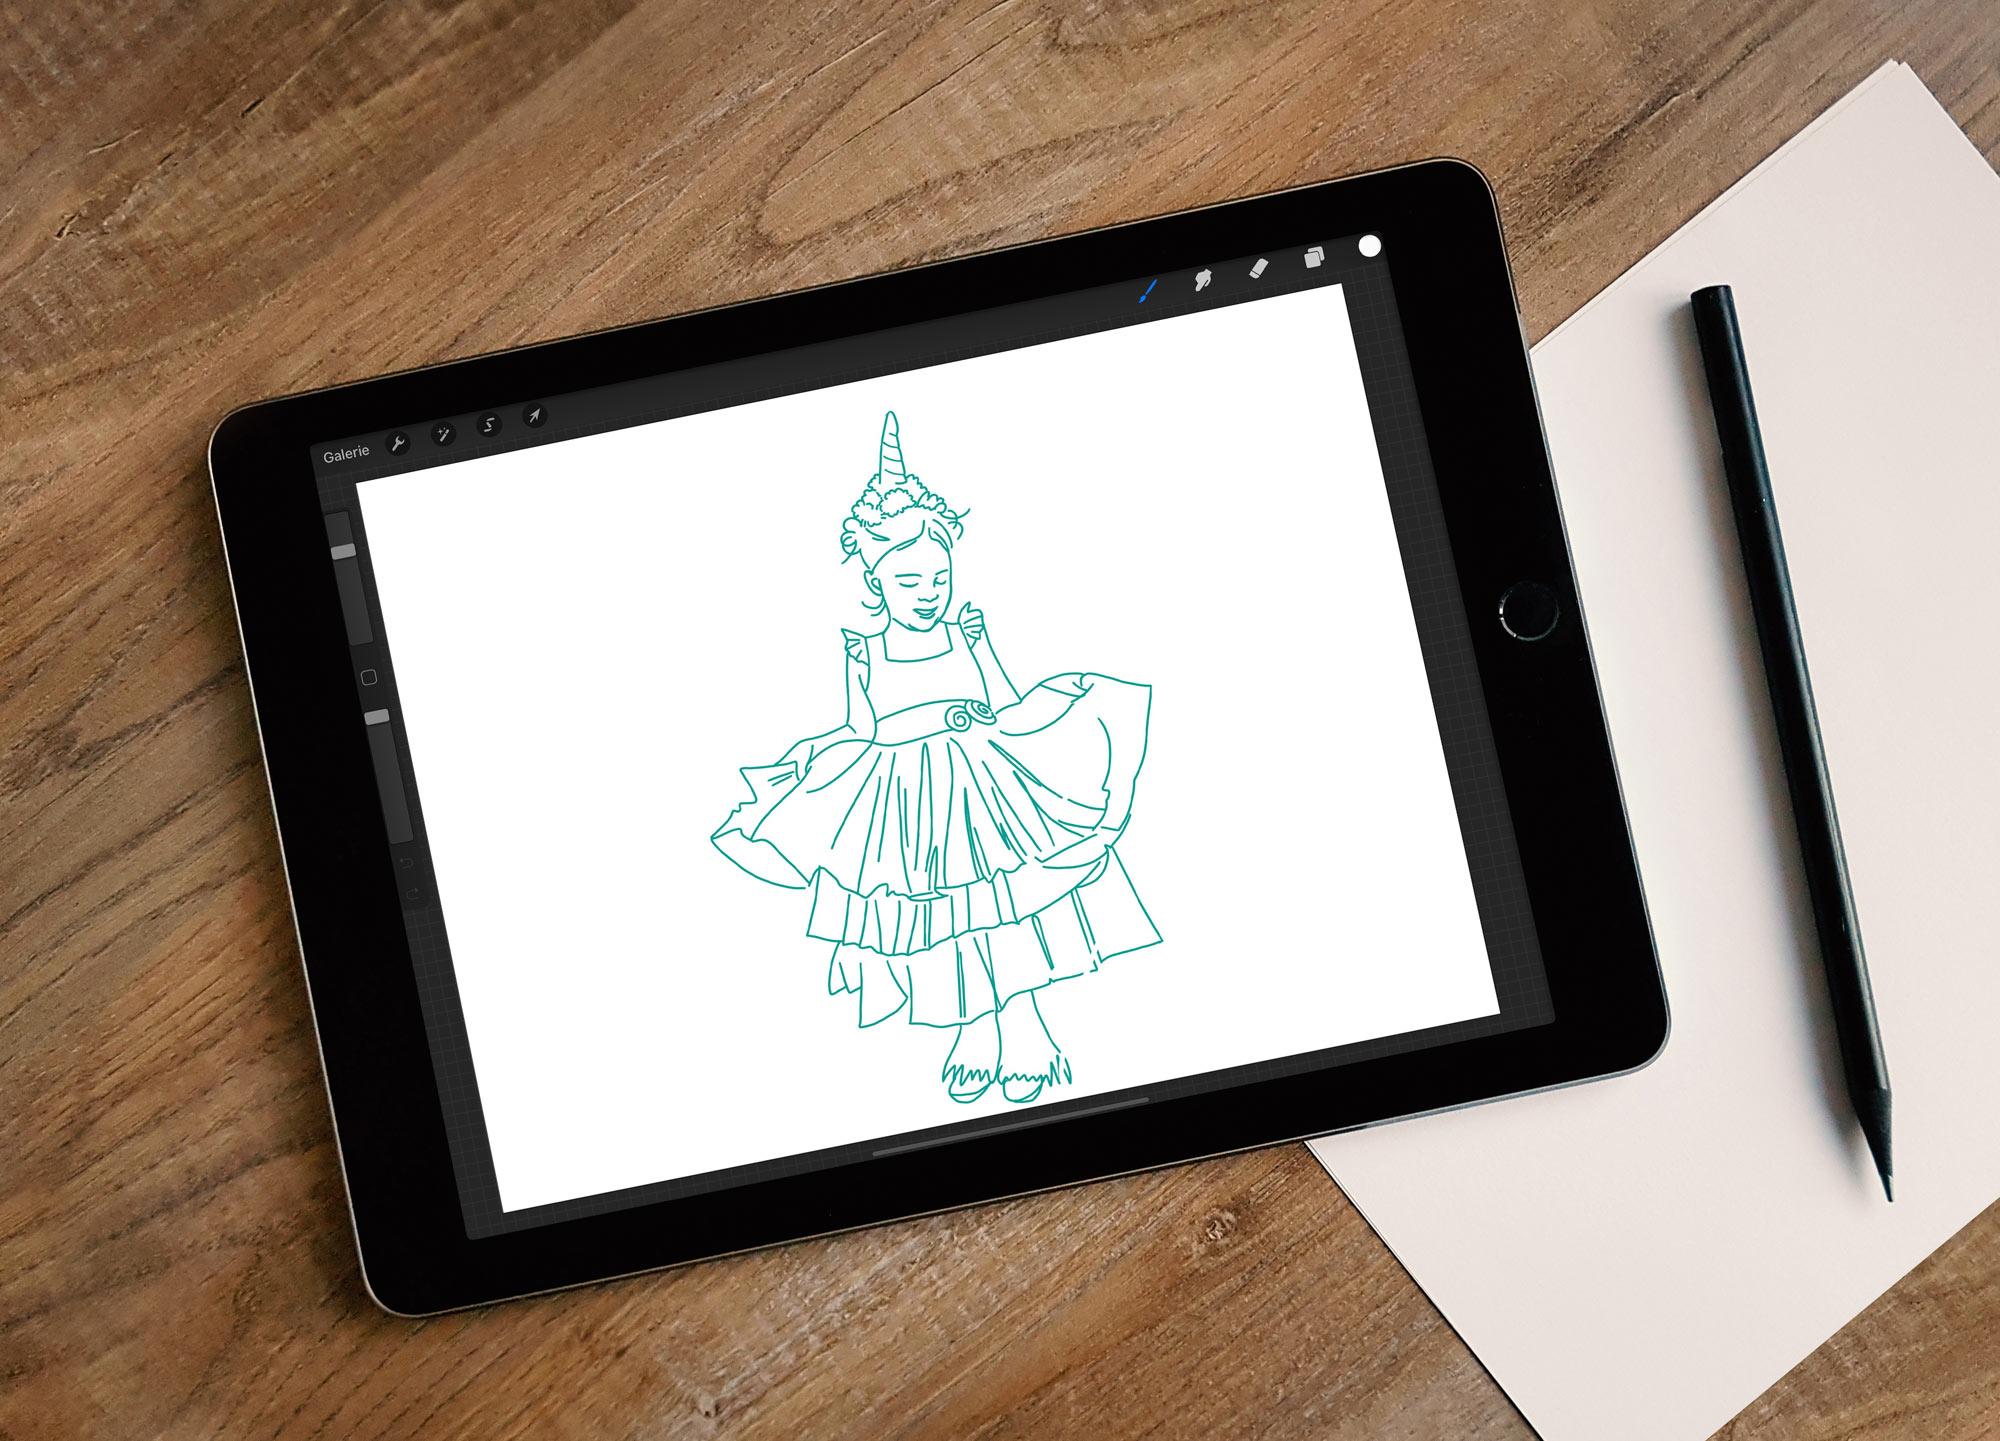 Zeichnung eines Mädchens im Einhornkostüm